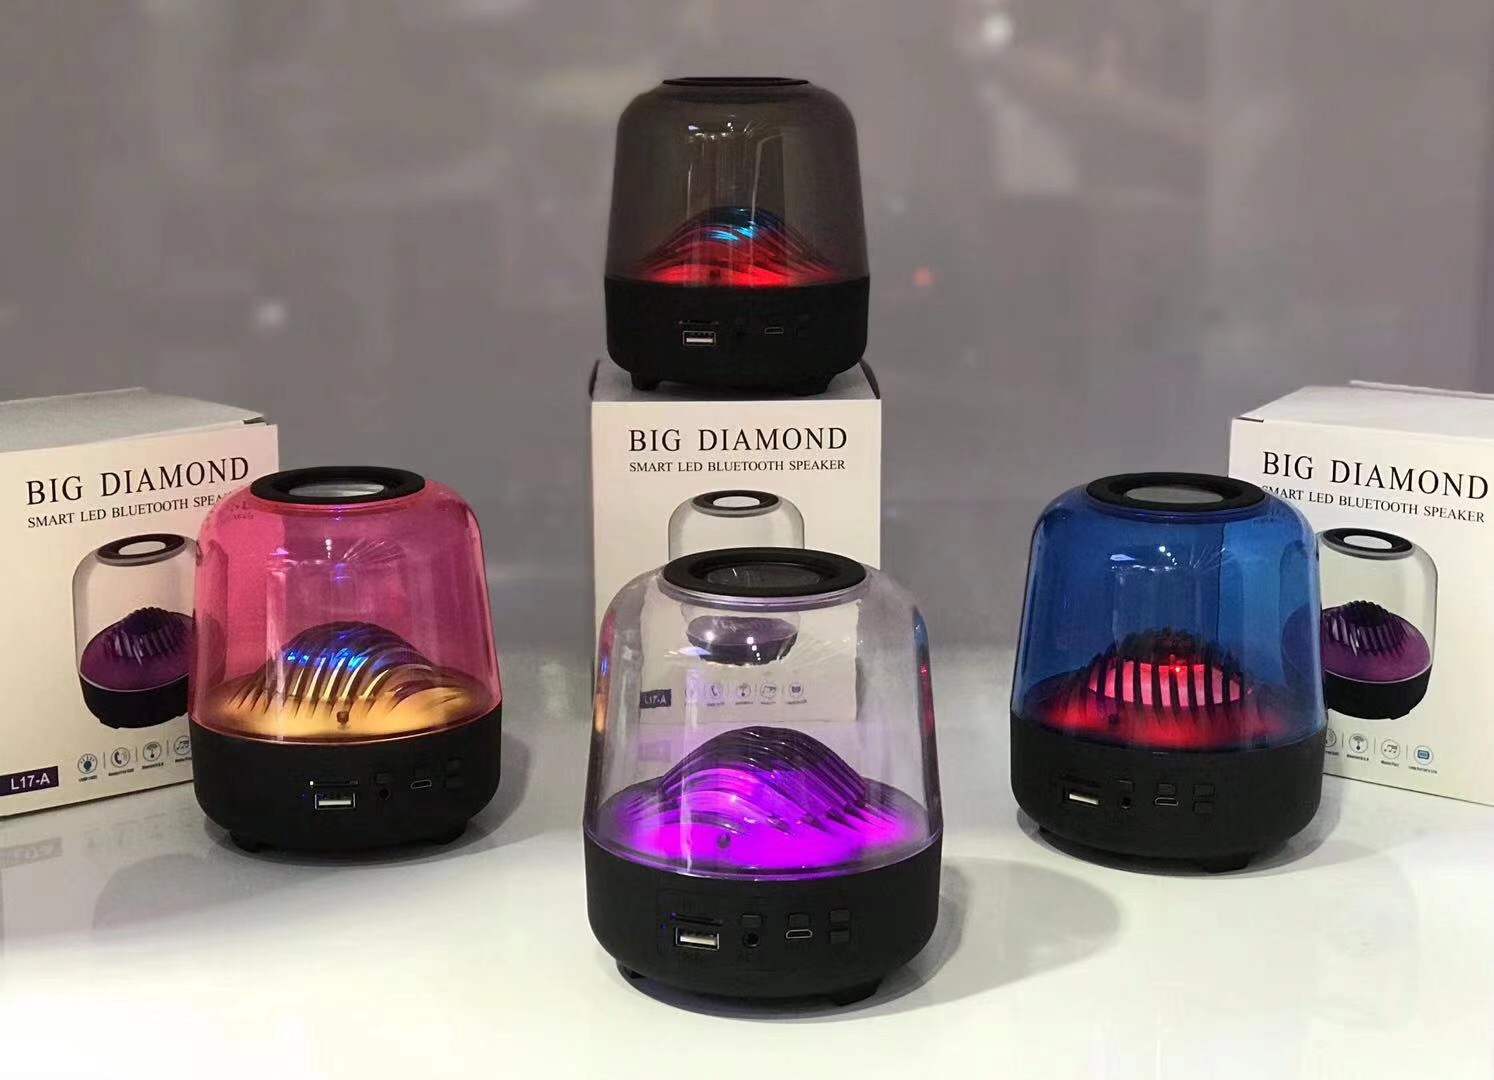 Loa bluetooth LANITH có đèn nháy đổi màu theo nhạc LBD17 trong suốt cao cấp – Tặng dây cáp sạc 3 đầu - Loa bluetooth đổi màu trong suốt hỗ trợ thẻ nhớ, USB - Hàng chính hãng – LBD00017.CAP0001